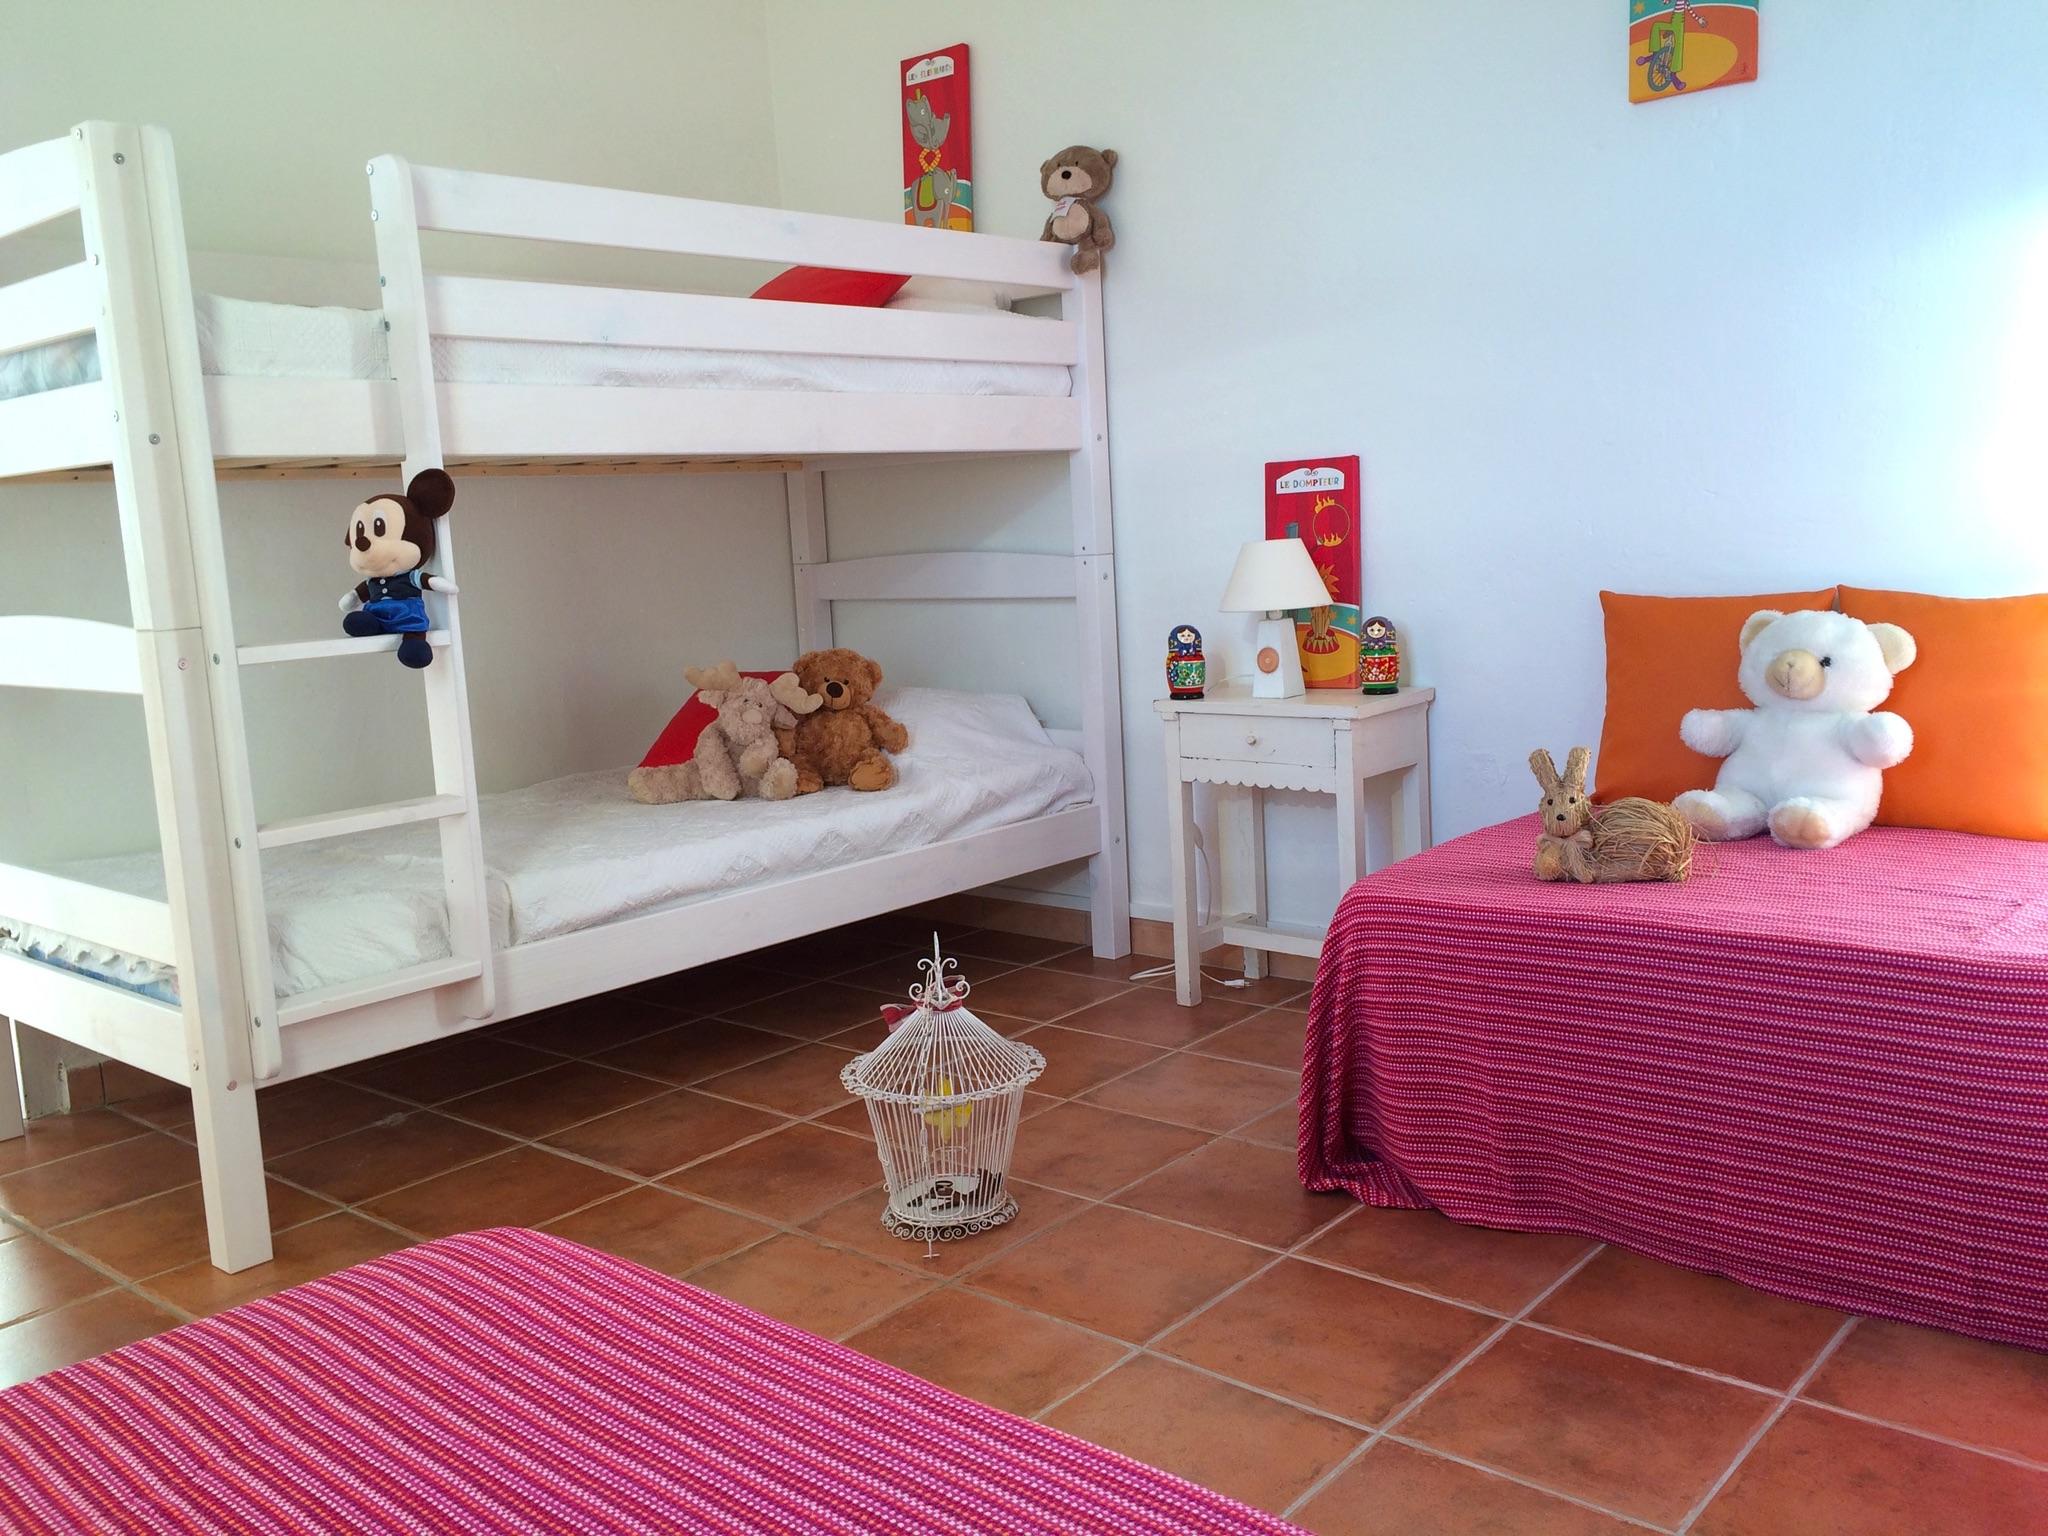 Ferienhaus Charaktervolles Haus in Hérault mit Pool und Garten (2201003), Portiragnes, Mittelmeerküste Hérault, Languedoc-Roussillon, Frankreich, Bild 16